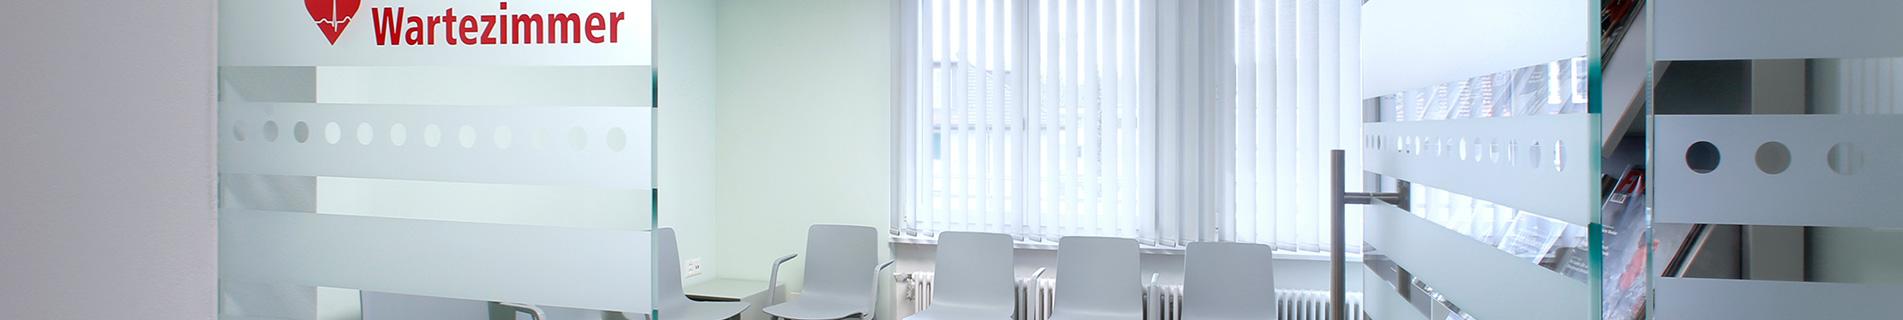 Herzpraxis Solothurn, Wartezimmer